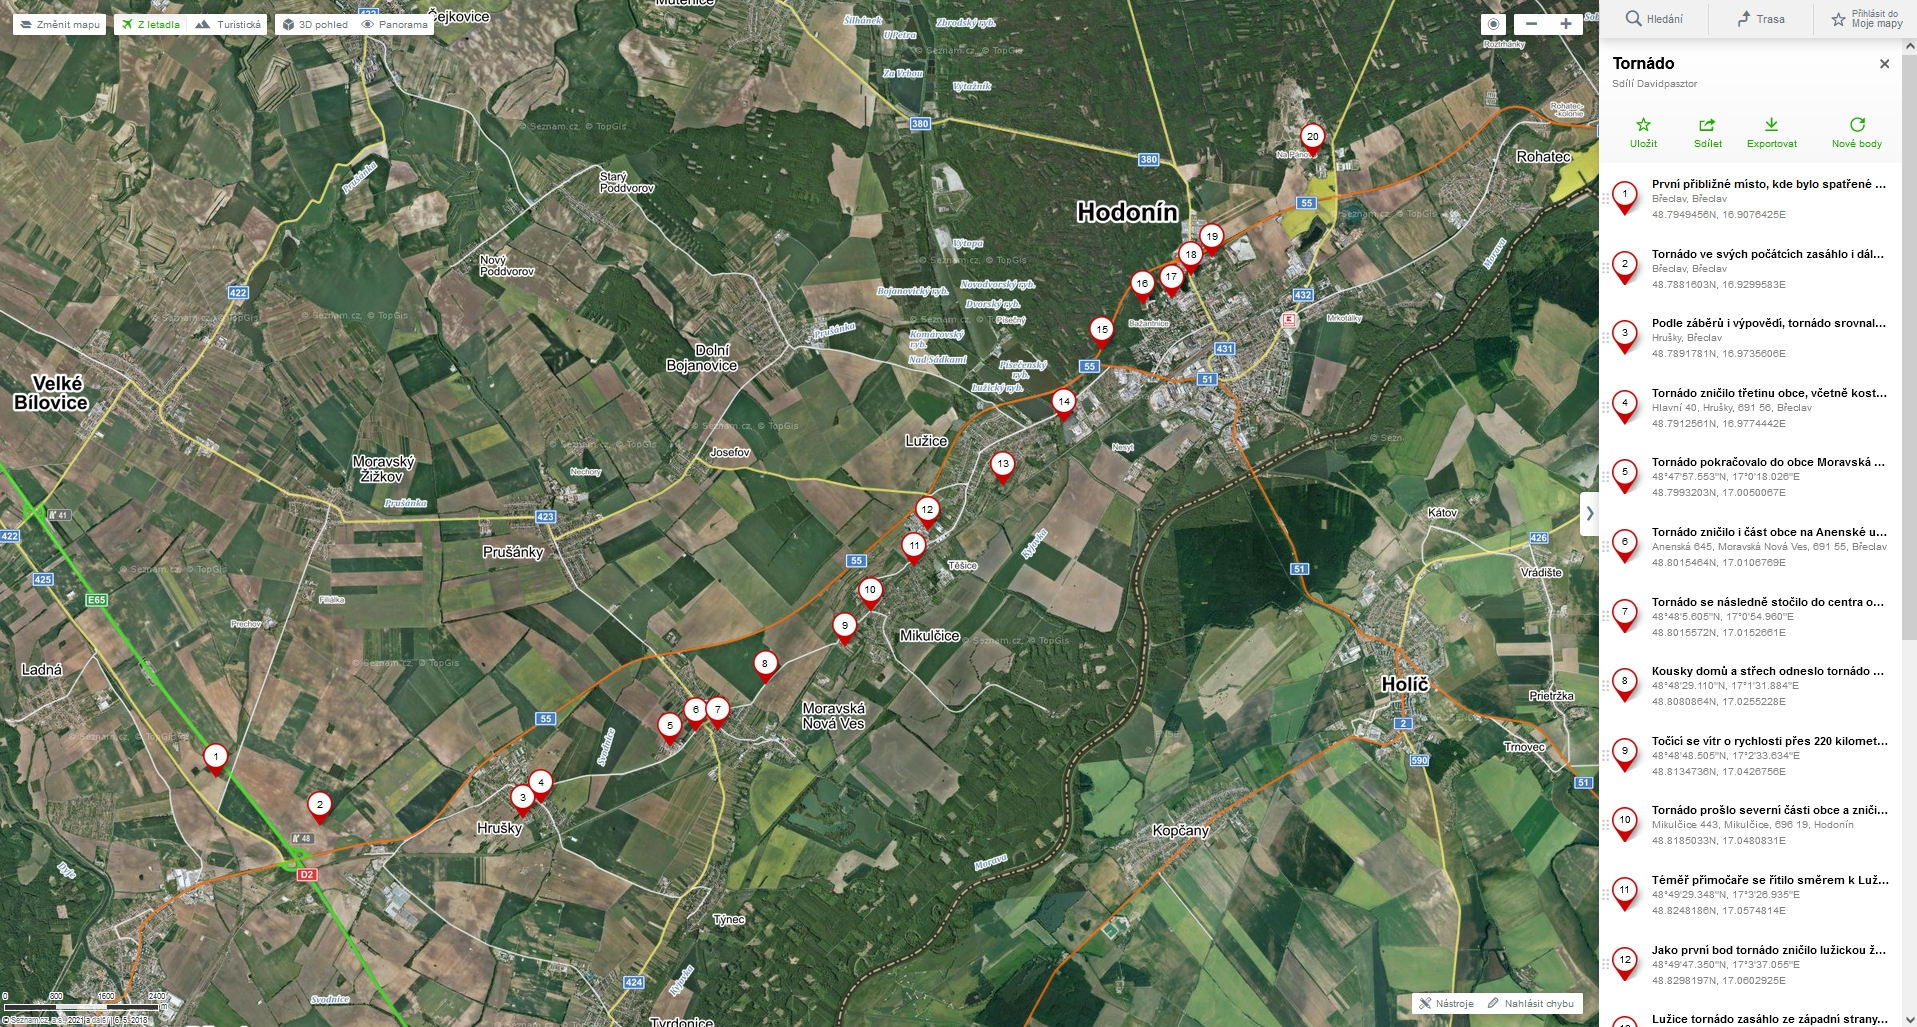 seznam-zpravy-trasa-tornado-jizni-morava-cerven-2021-mapa